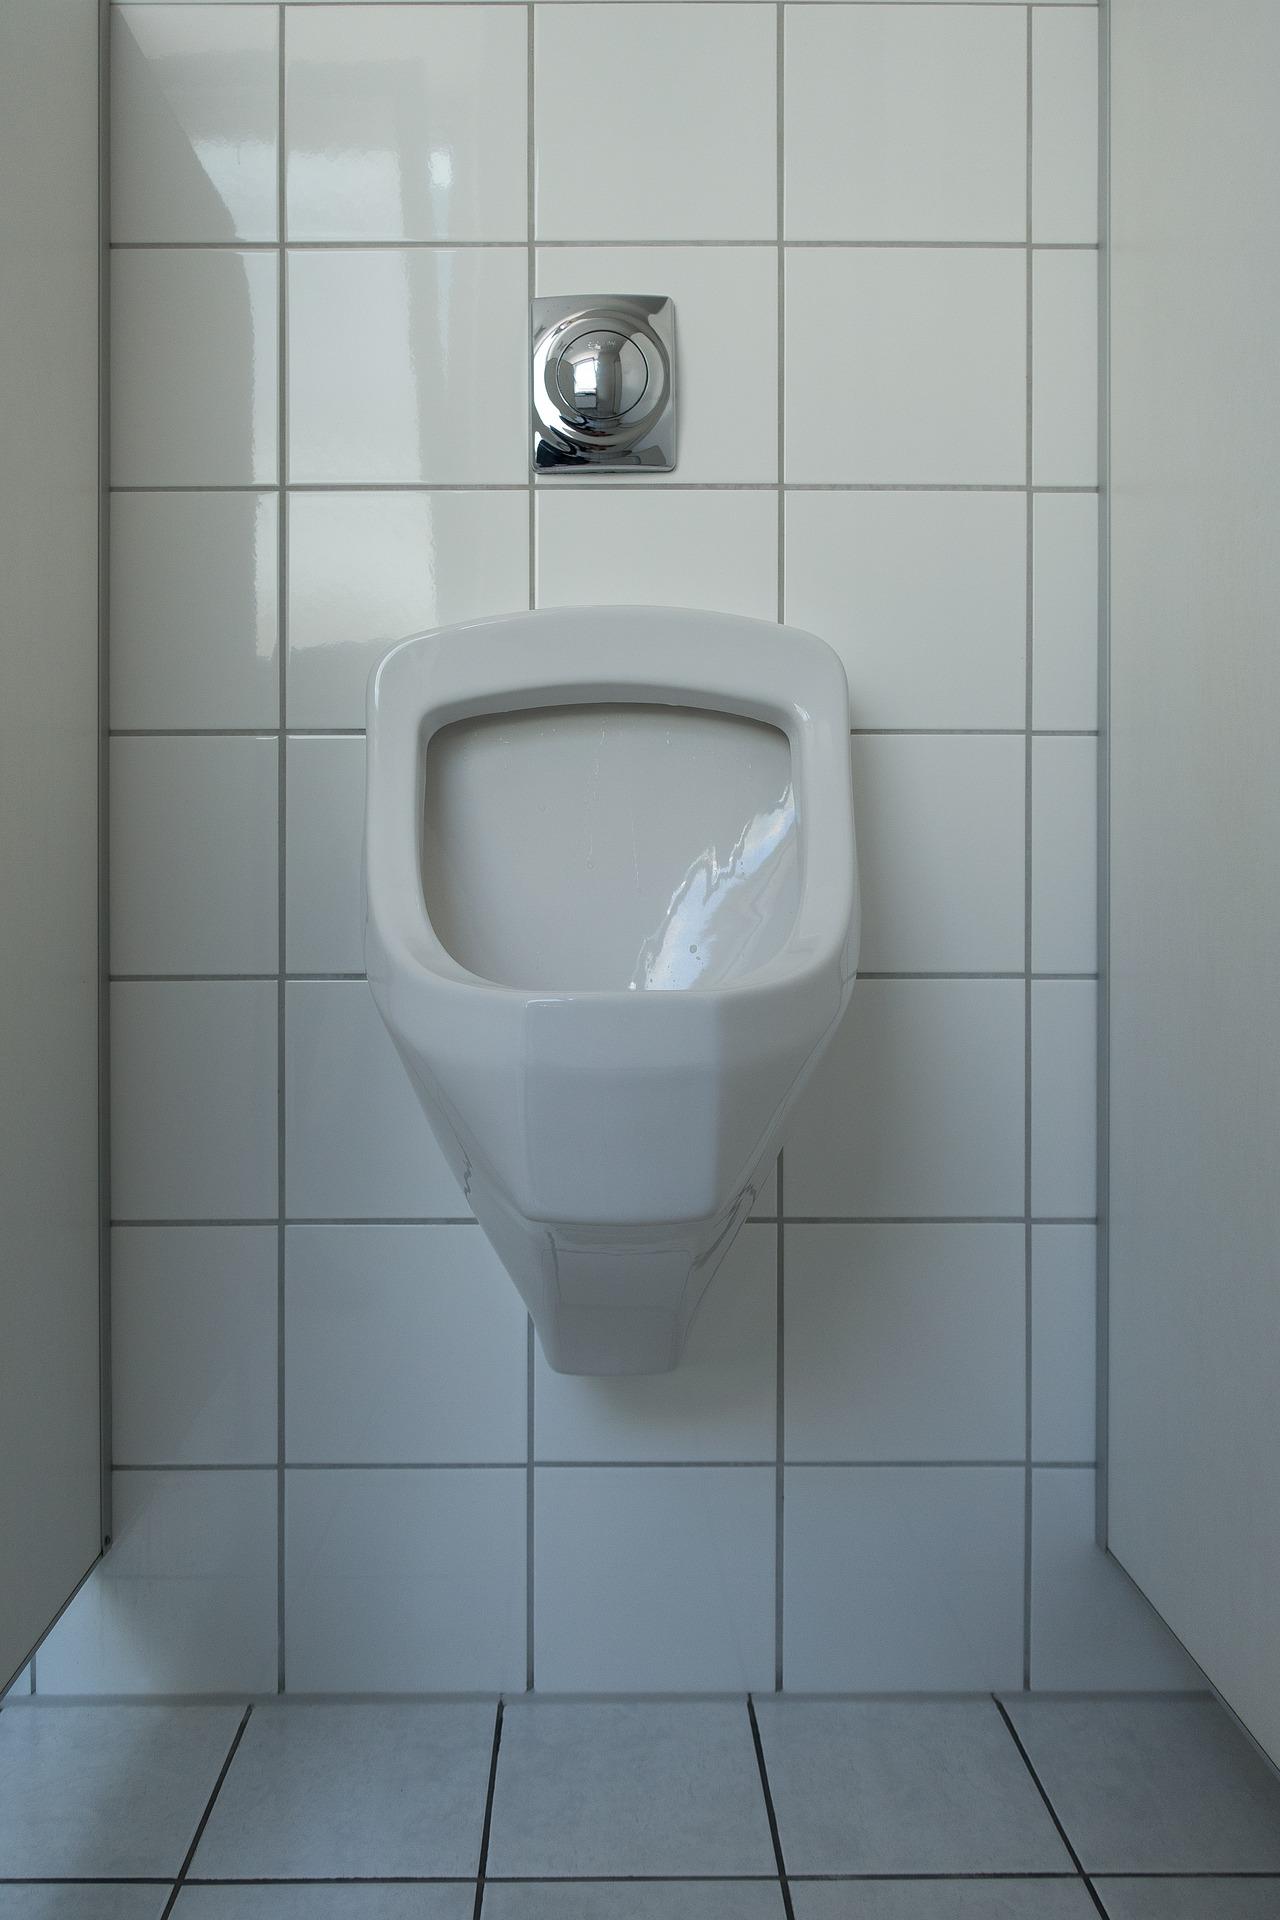 Płytki ceramiczne do małej łazienki- jakie wybrać, aby optycznie ją powiększyć?